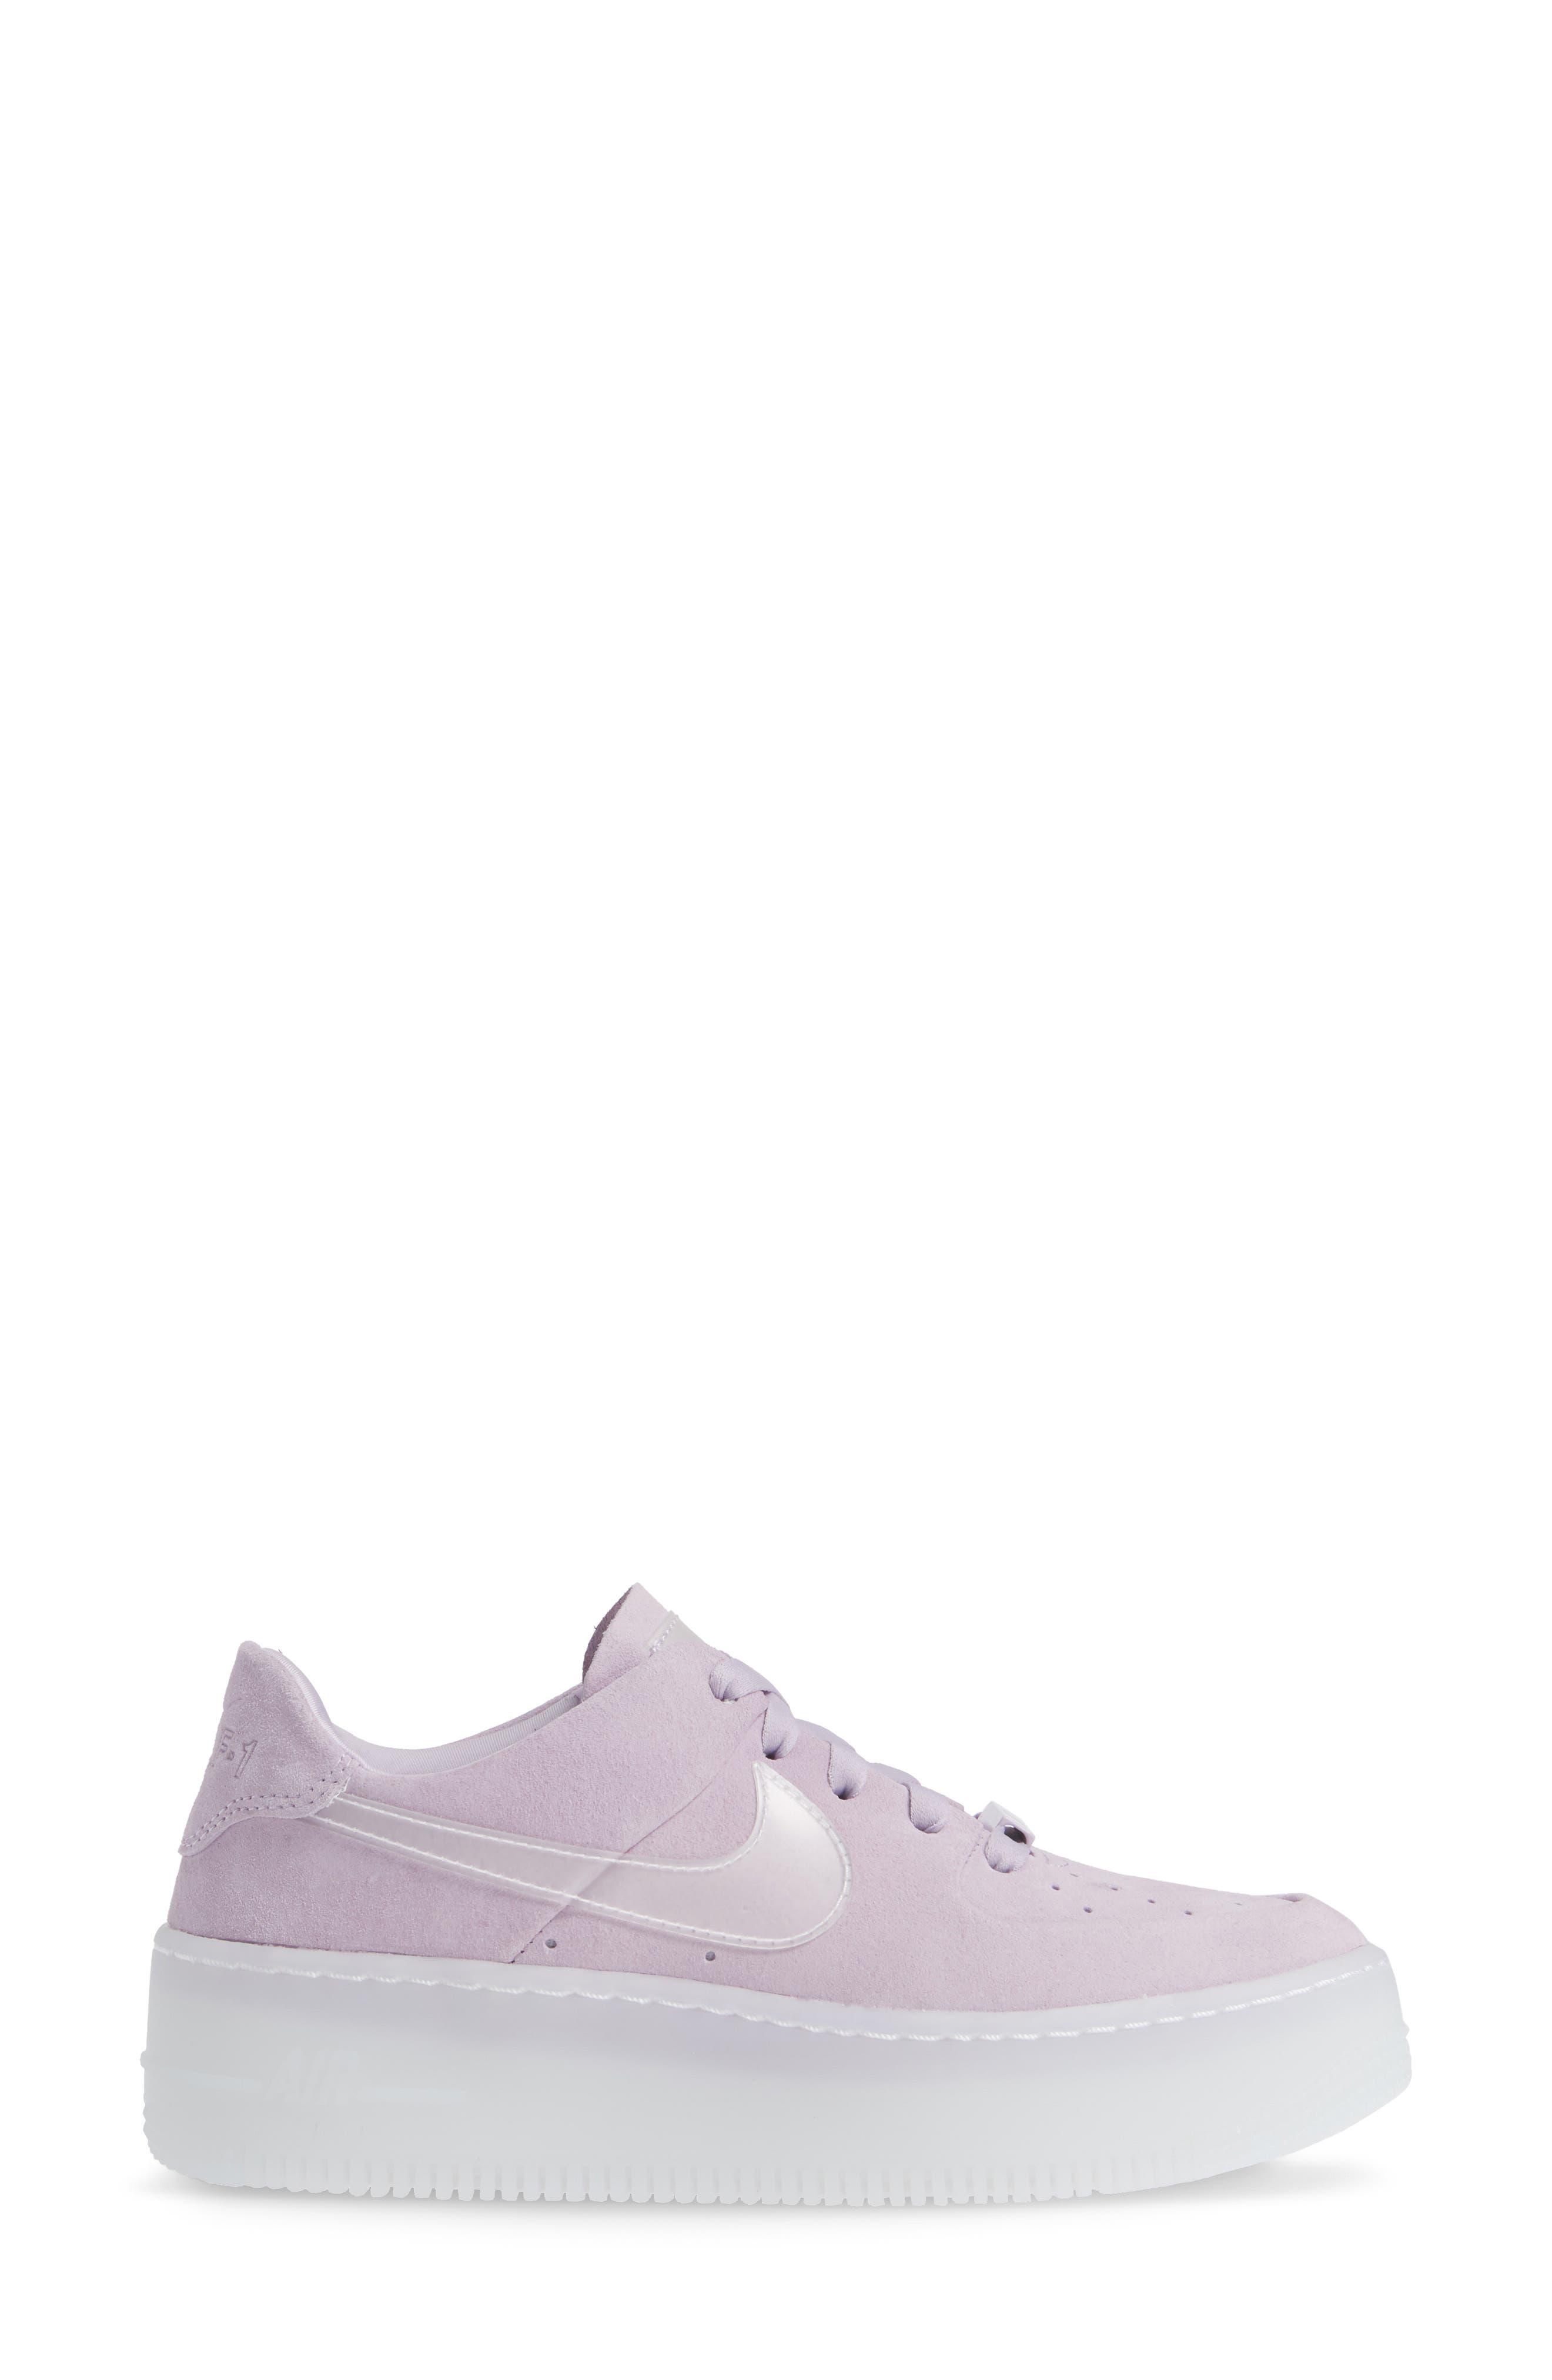 NIKE, Air Force 1 Sage Low Platform Sneaker, Alternate thumbnail 3, color, VIOLET MIST/ VIOLET MIST